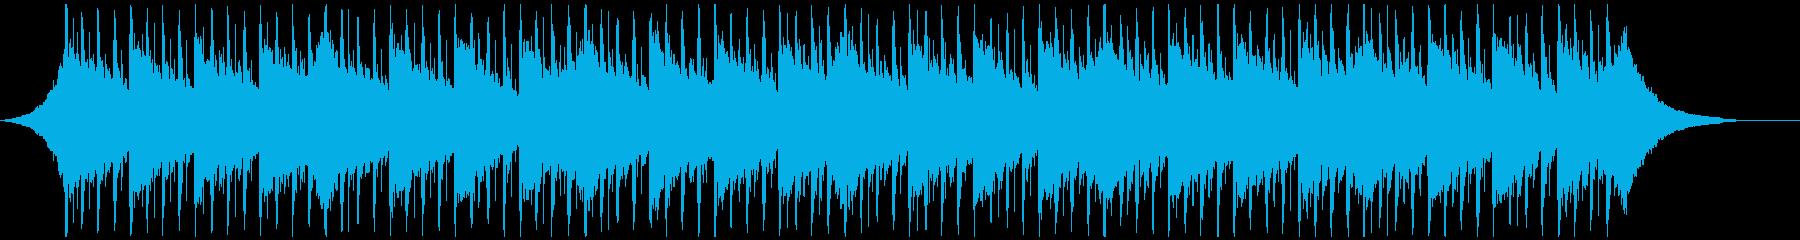 刺激的な戦略(60秒)の再生済みの波形